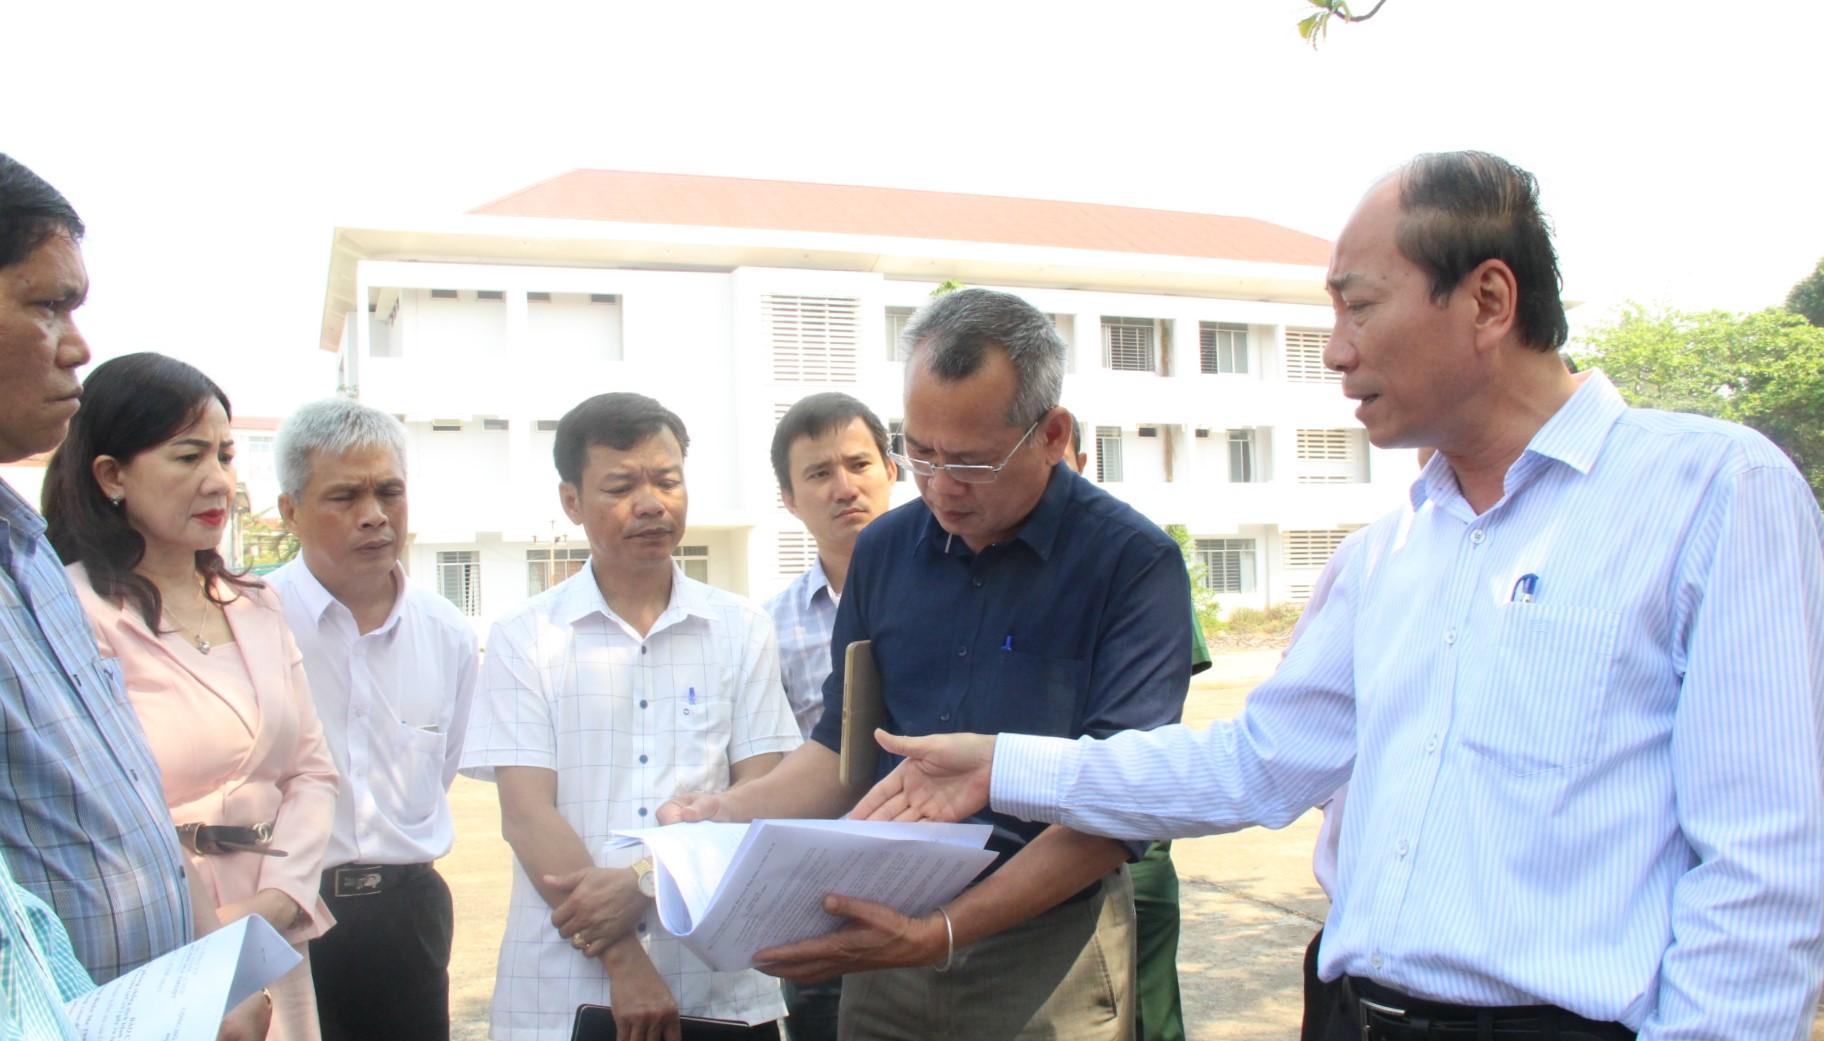 Chủ tịch UBND tỉnh Phạm Ngọc Nghị kiểm tra công tác phòng, chống dịch bệnh Covid-19 tại các đơn vị trên địa bàn